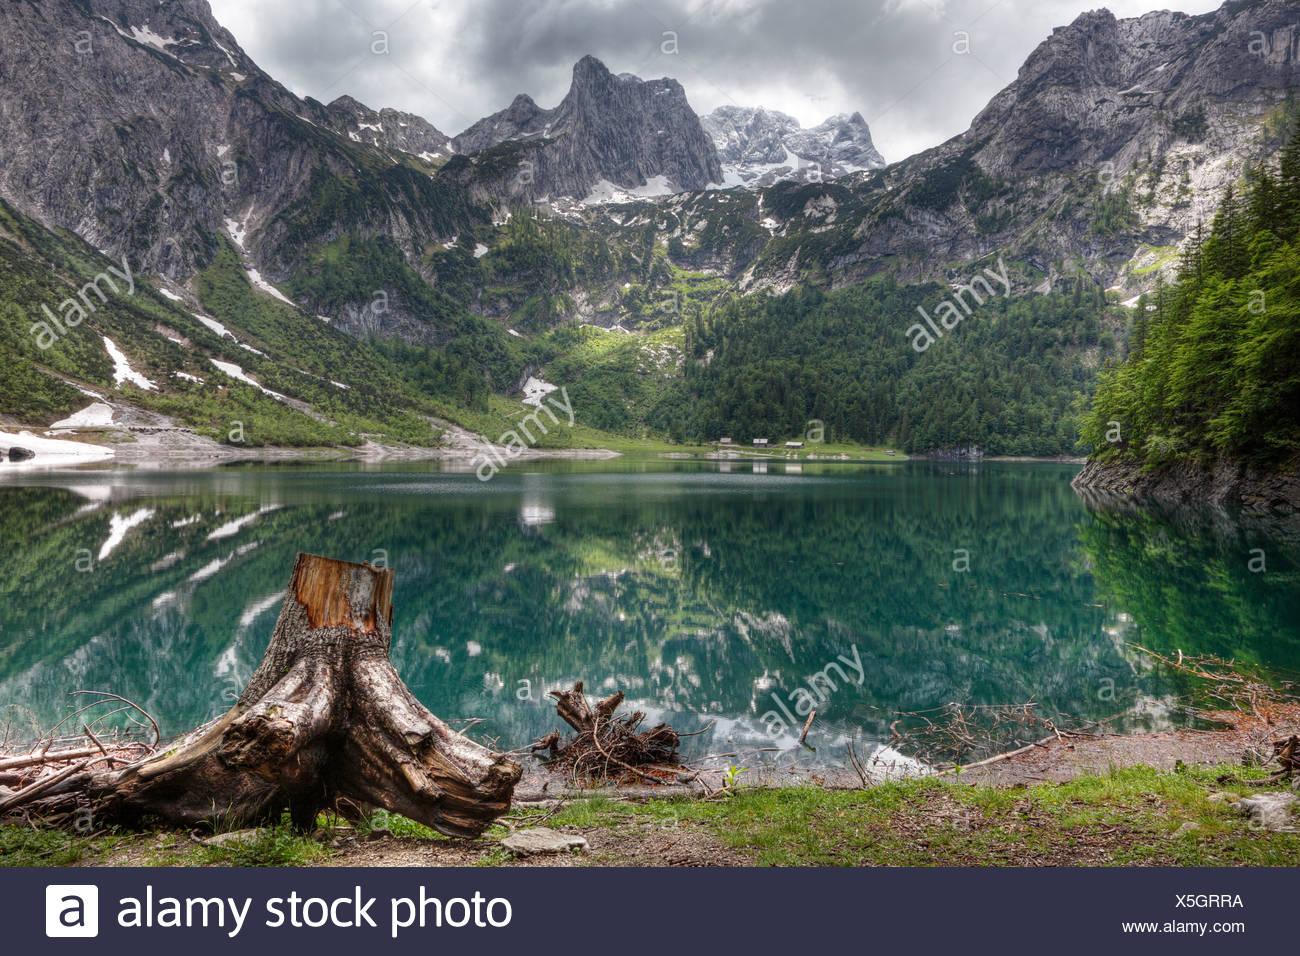 ferienwohnungen hillbrand lac gosausee dachstein dachsteingebirge montagnes region du salzkammergut haute autriche